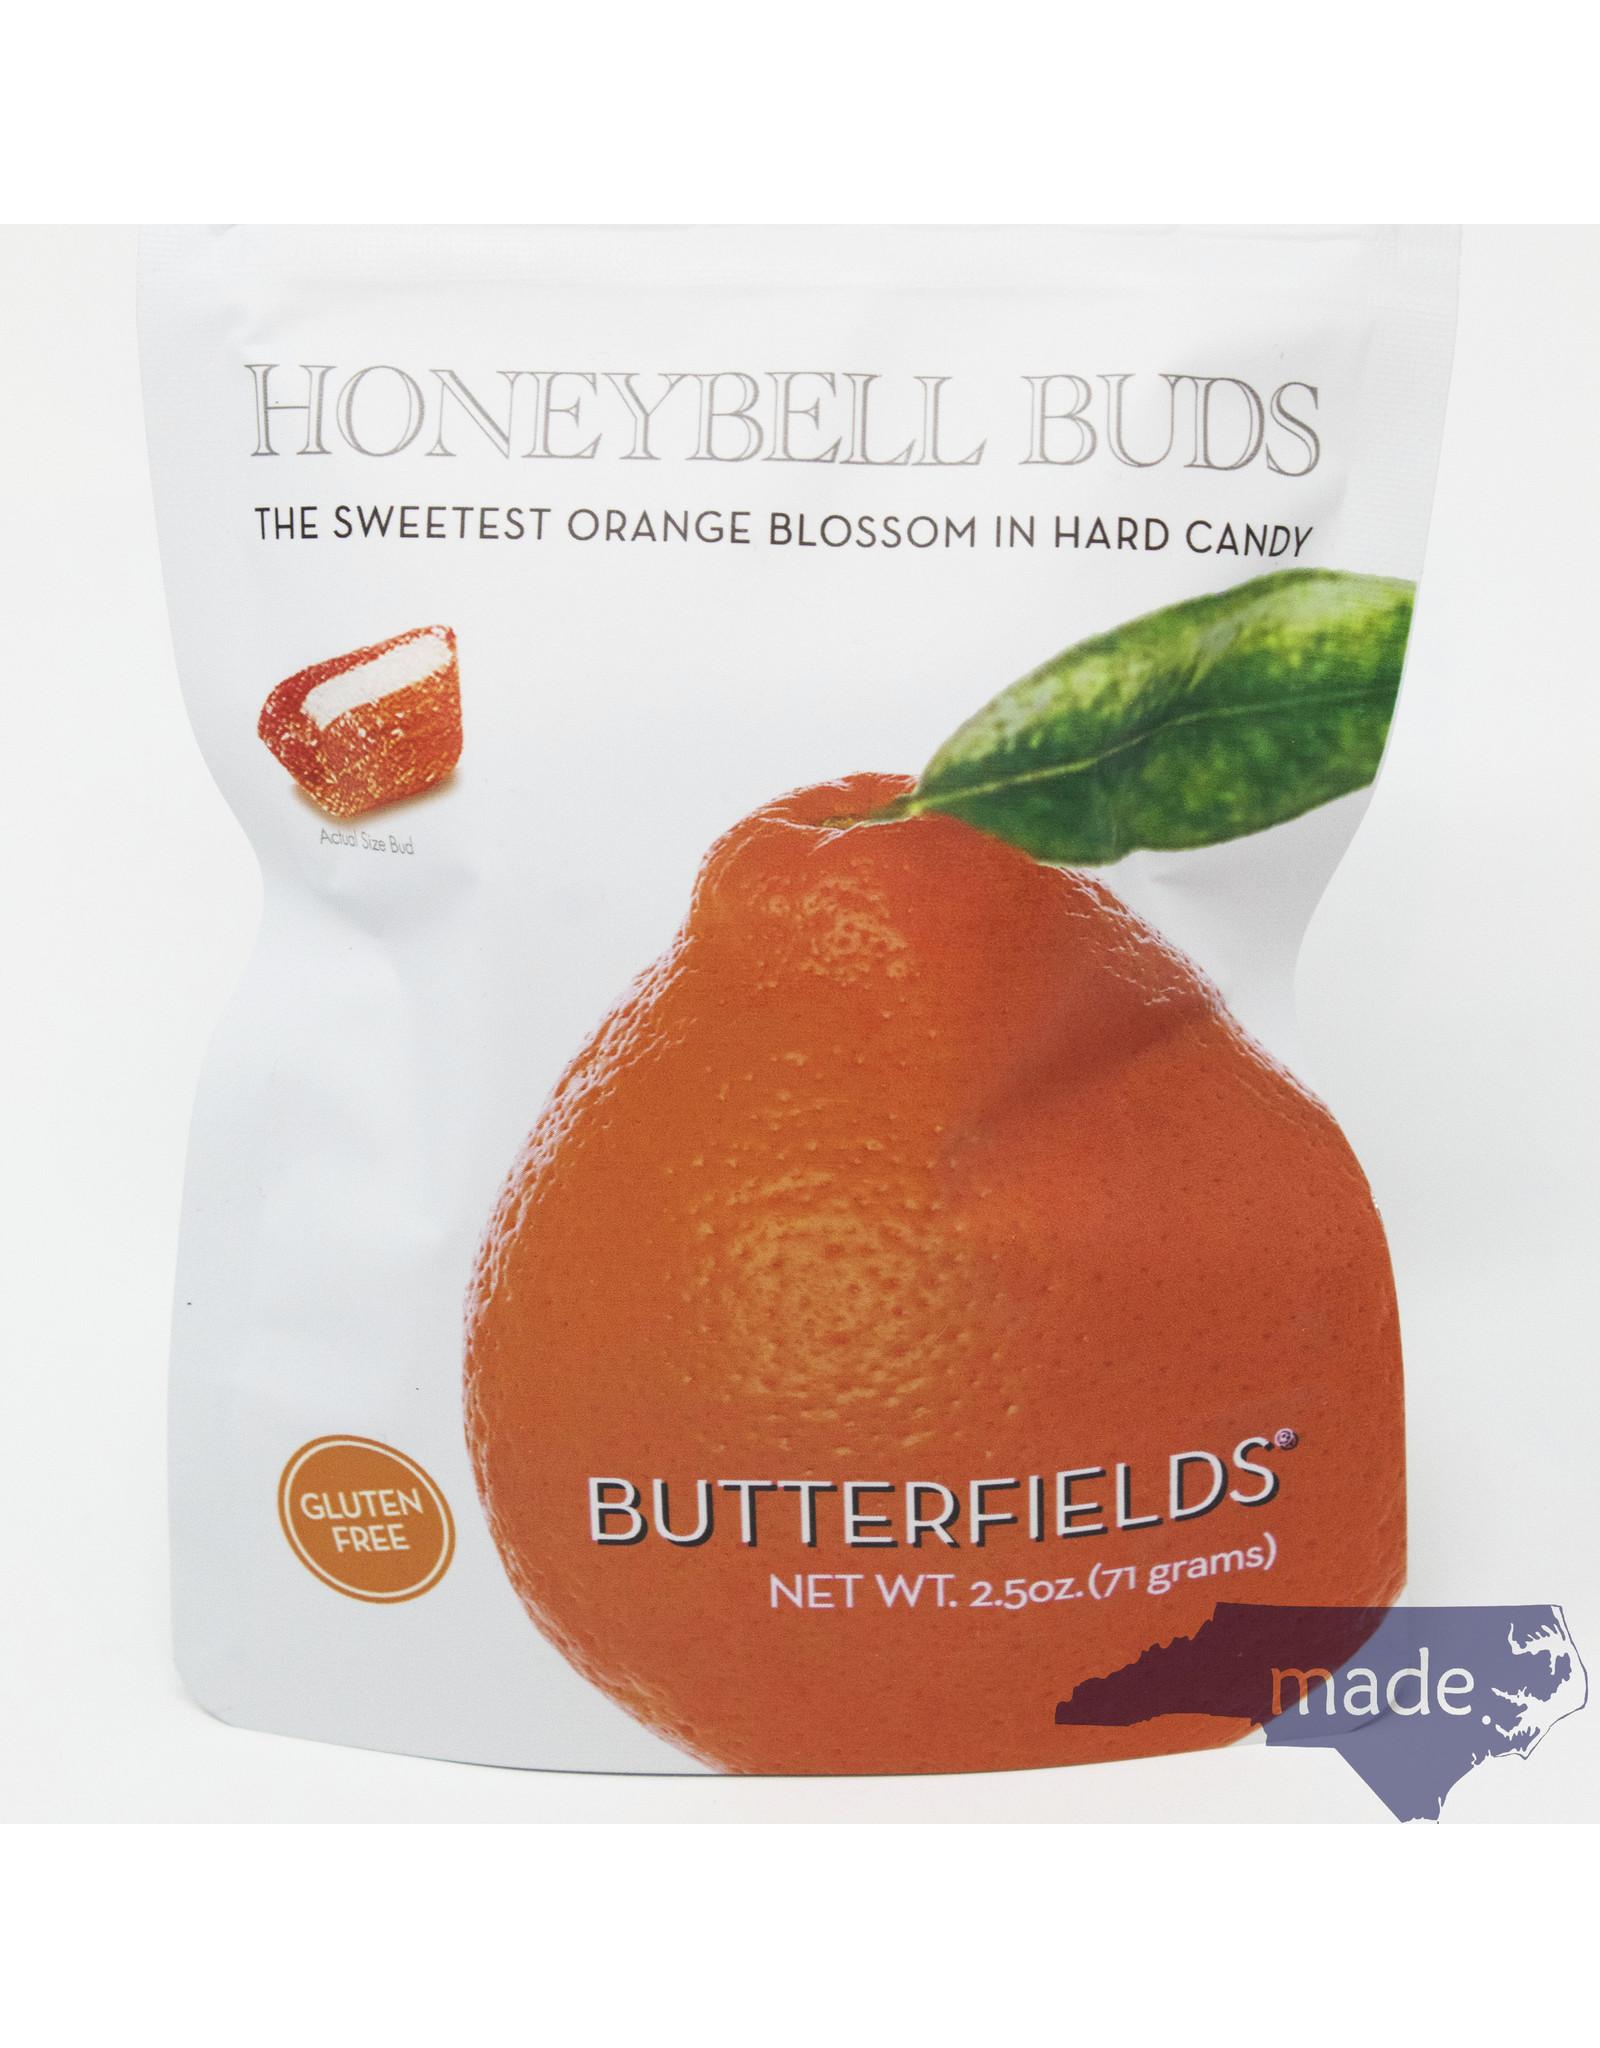 Butterfields Candy Honeybell Buds 2.5 oz. Peg Bag - Butterfields Candy